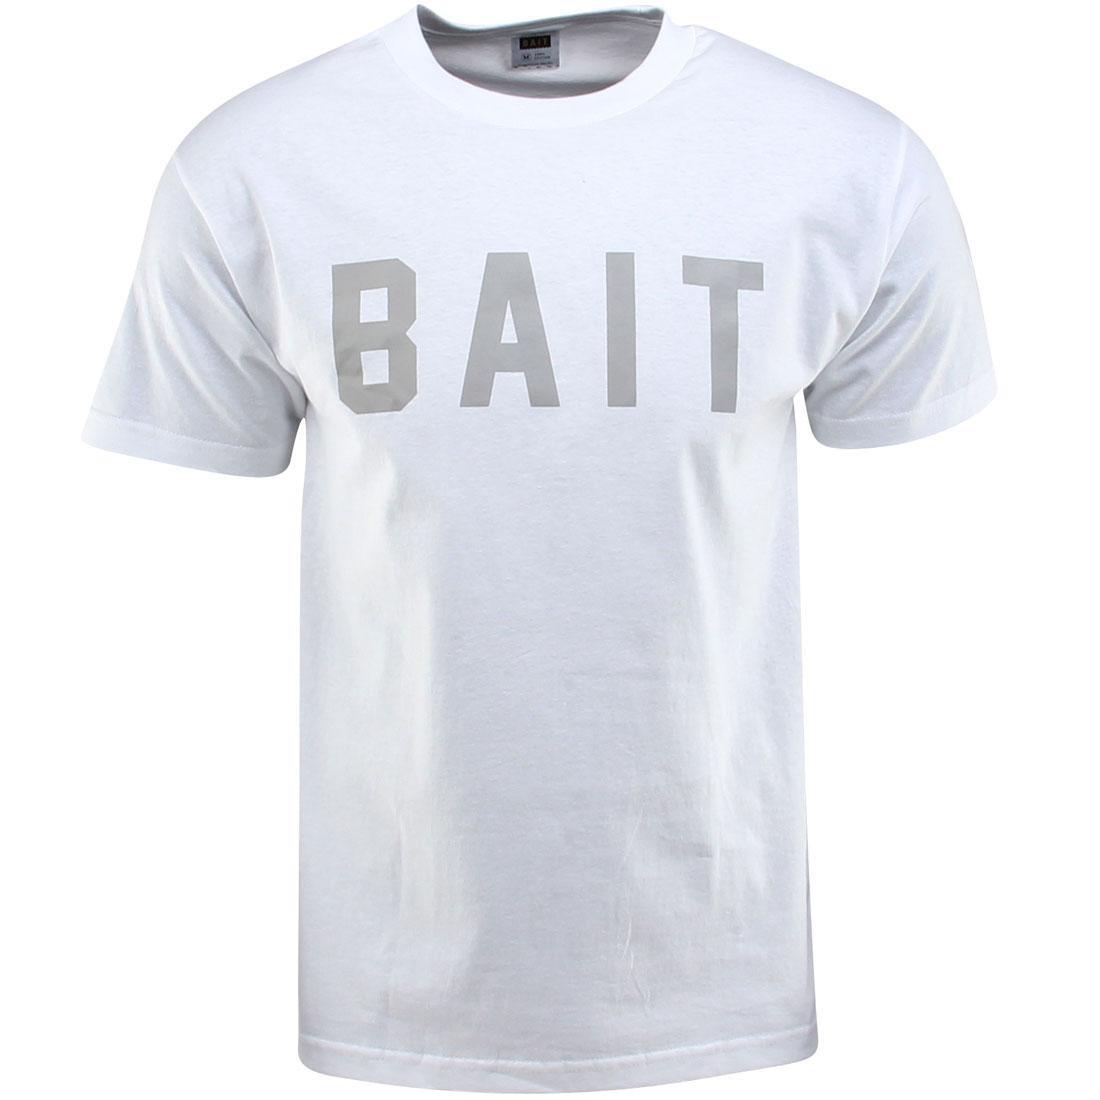 BAIT Logo Tee (white / gray)